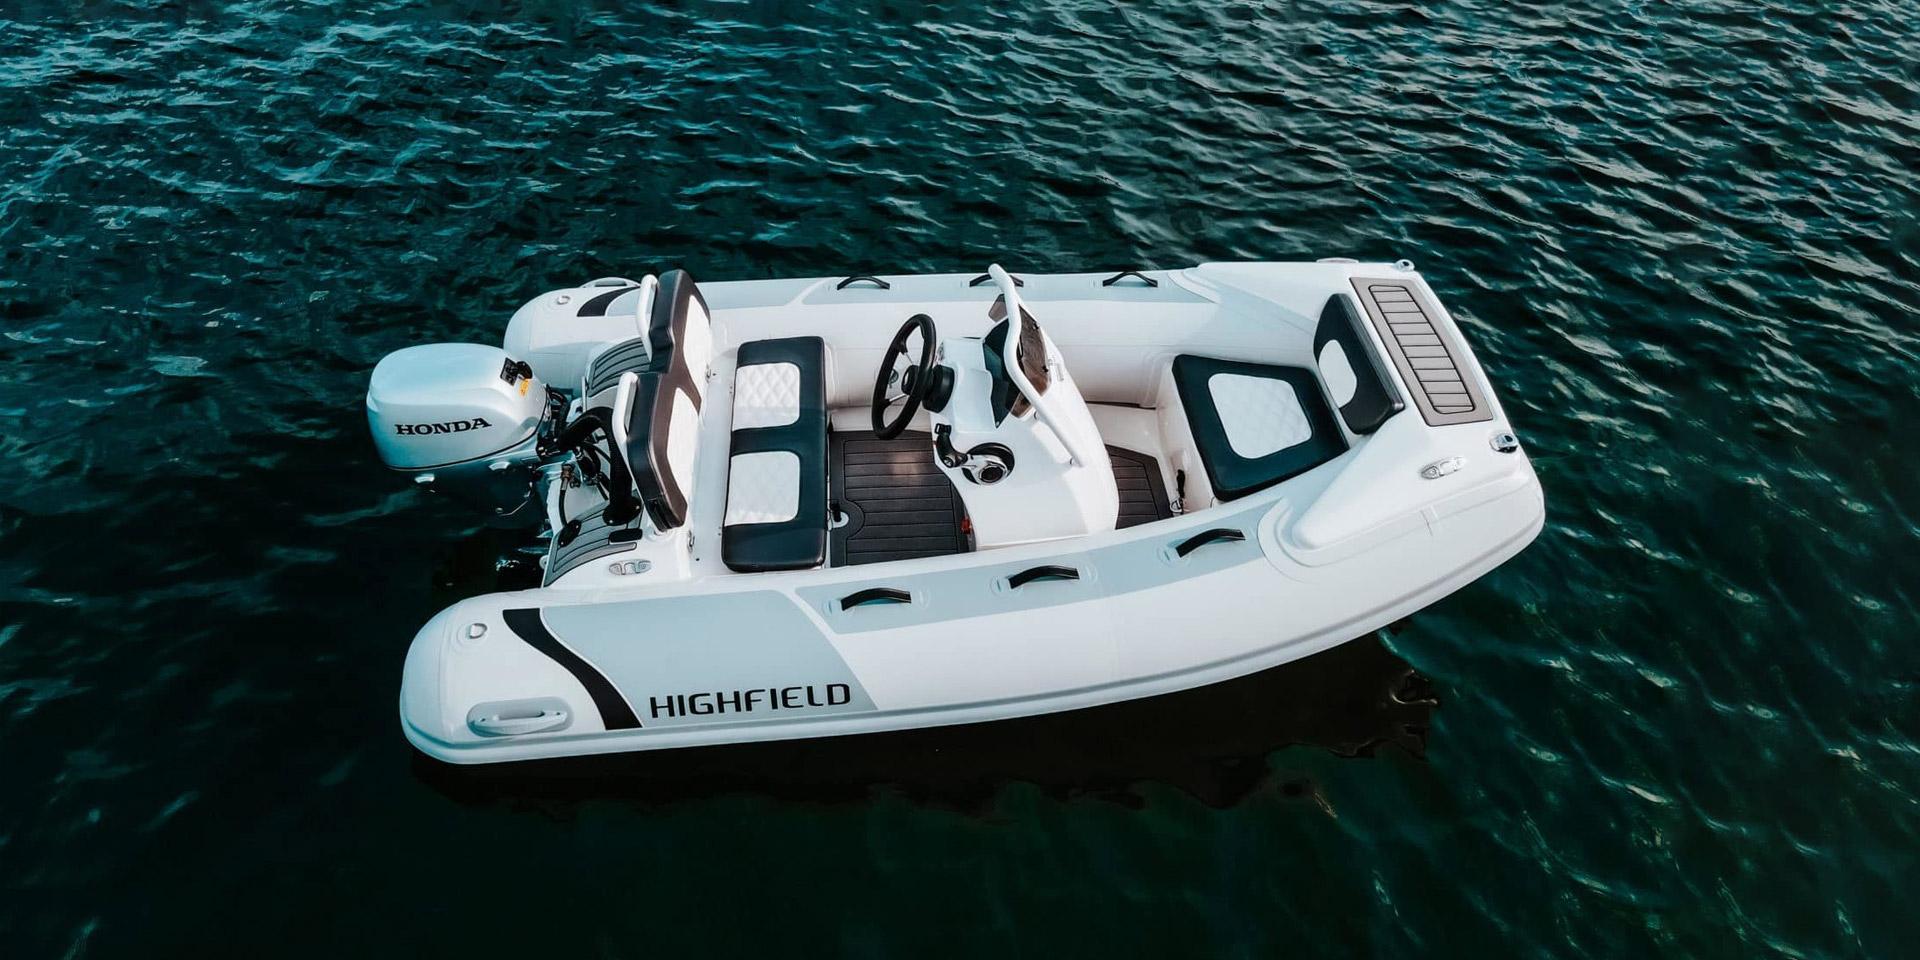 Highfield SP 300